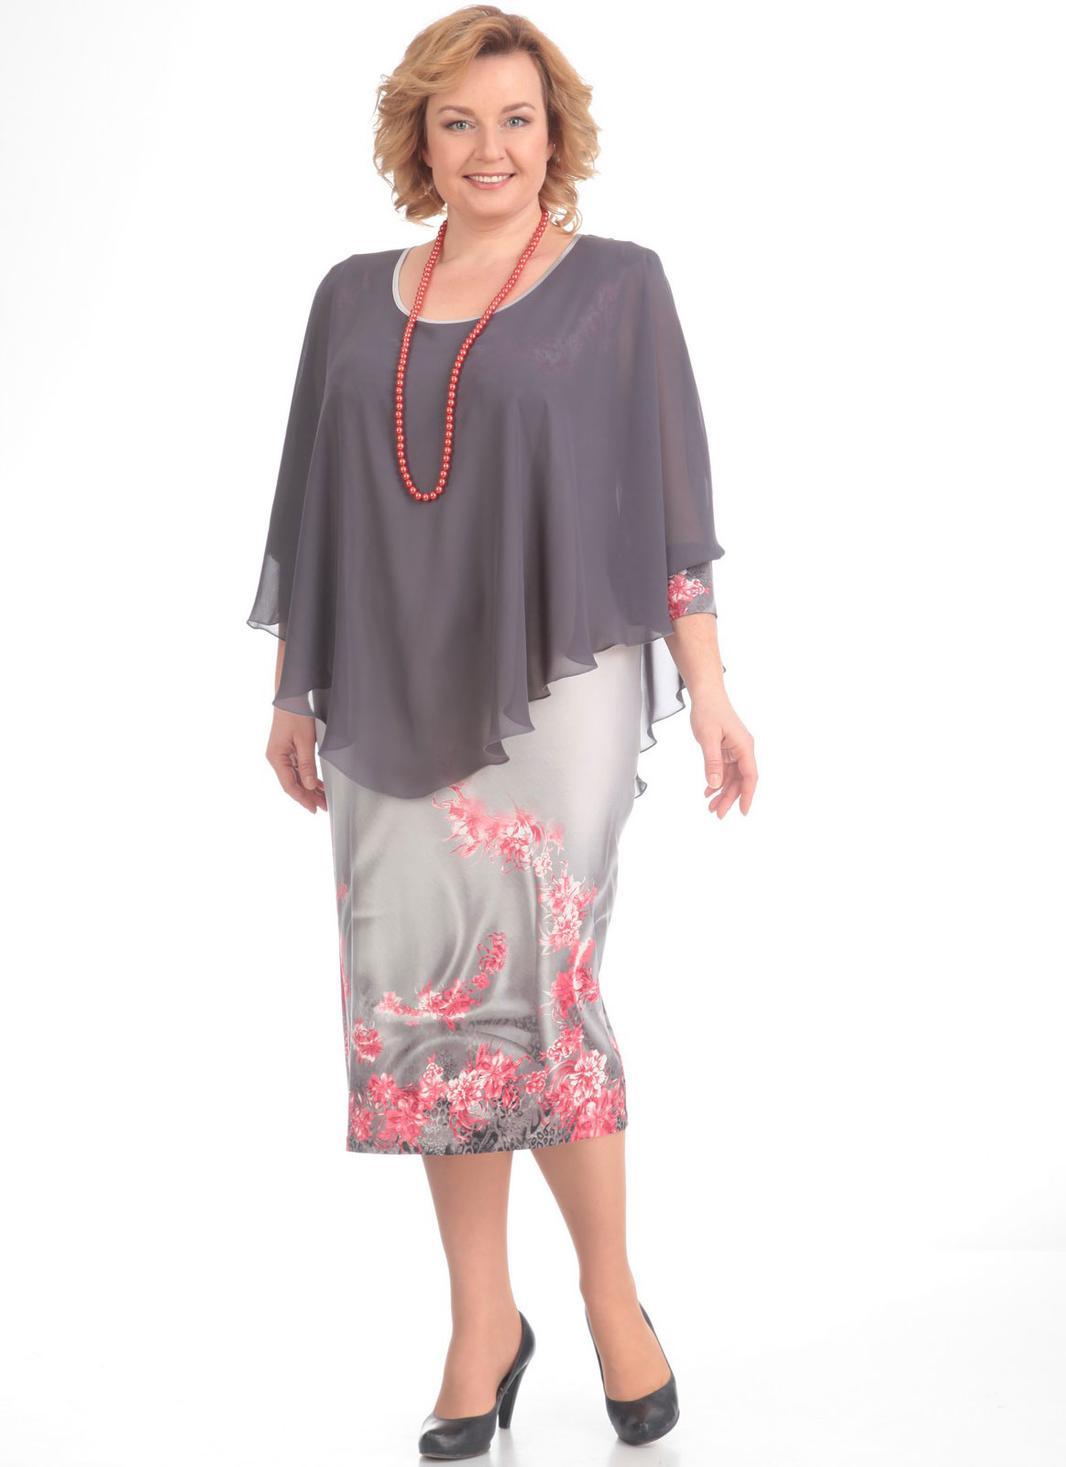 6dab1afe5 Платье Pretty, серый (модель 128) — Белорусский трикотаж в интернет ...